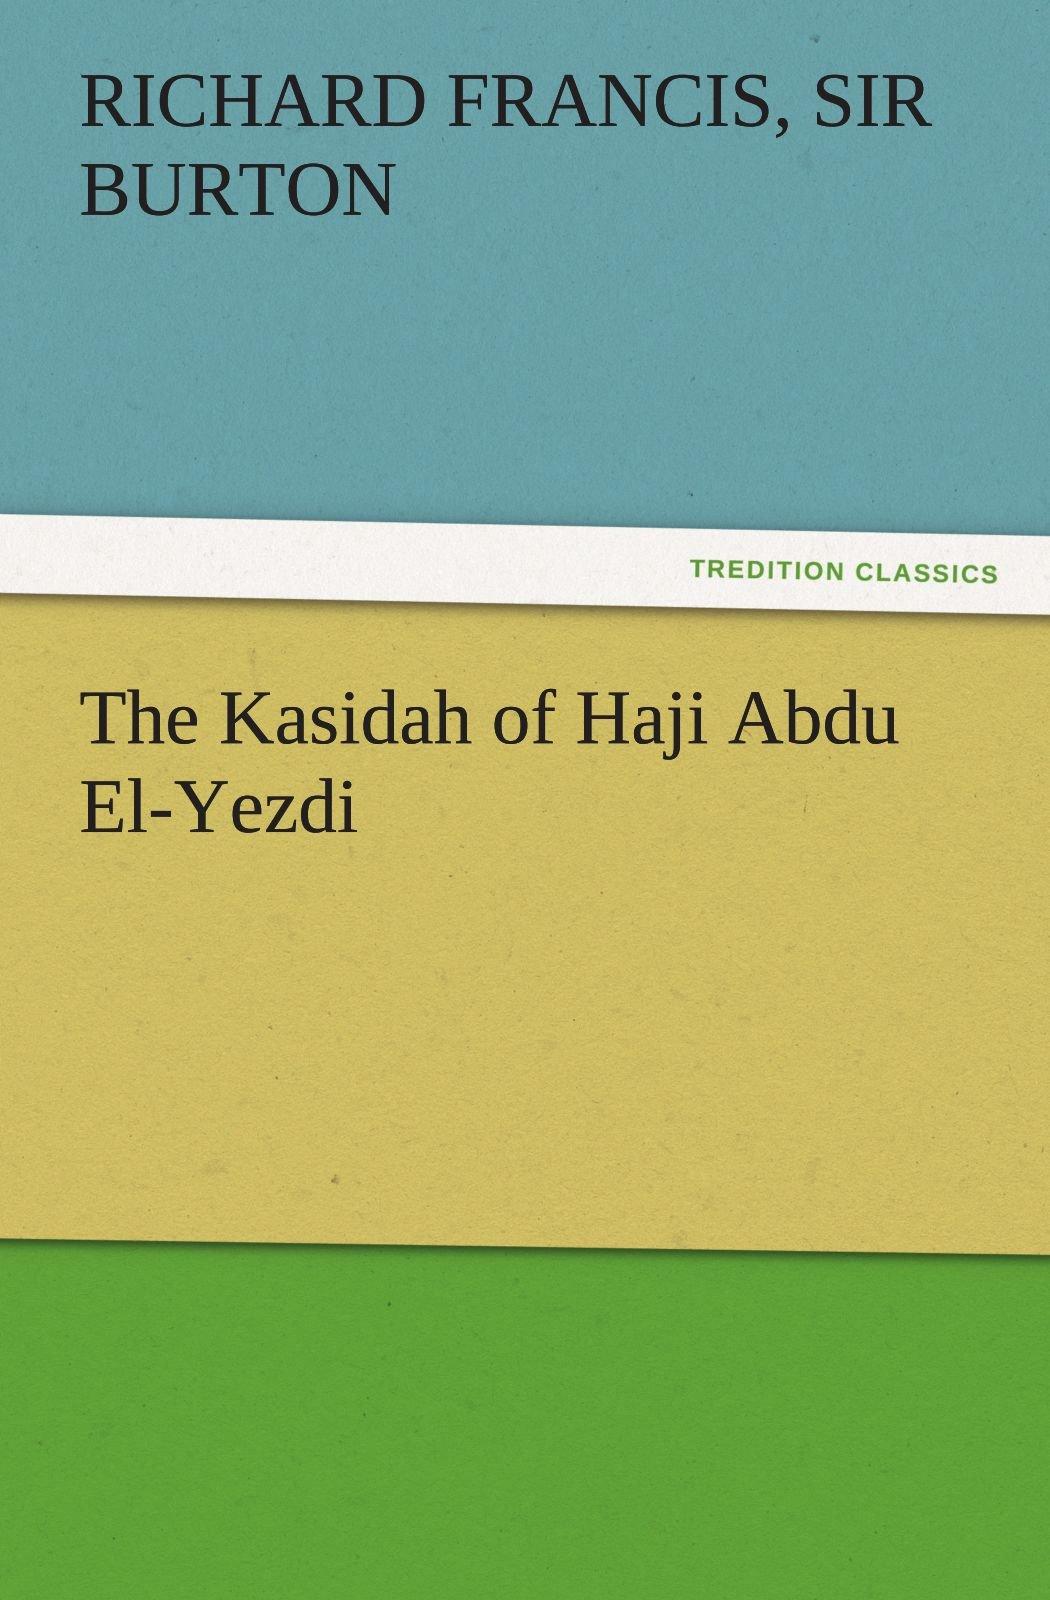 The Kasidah of Haji Abdu El-Yezdi (TREDITION CLASSICS) PDF